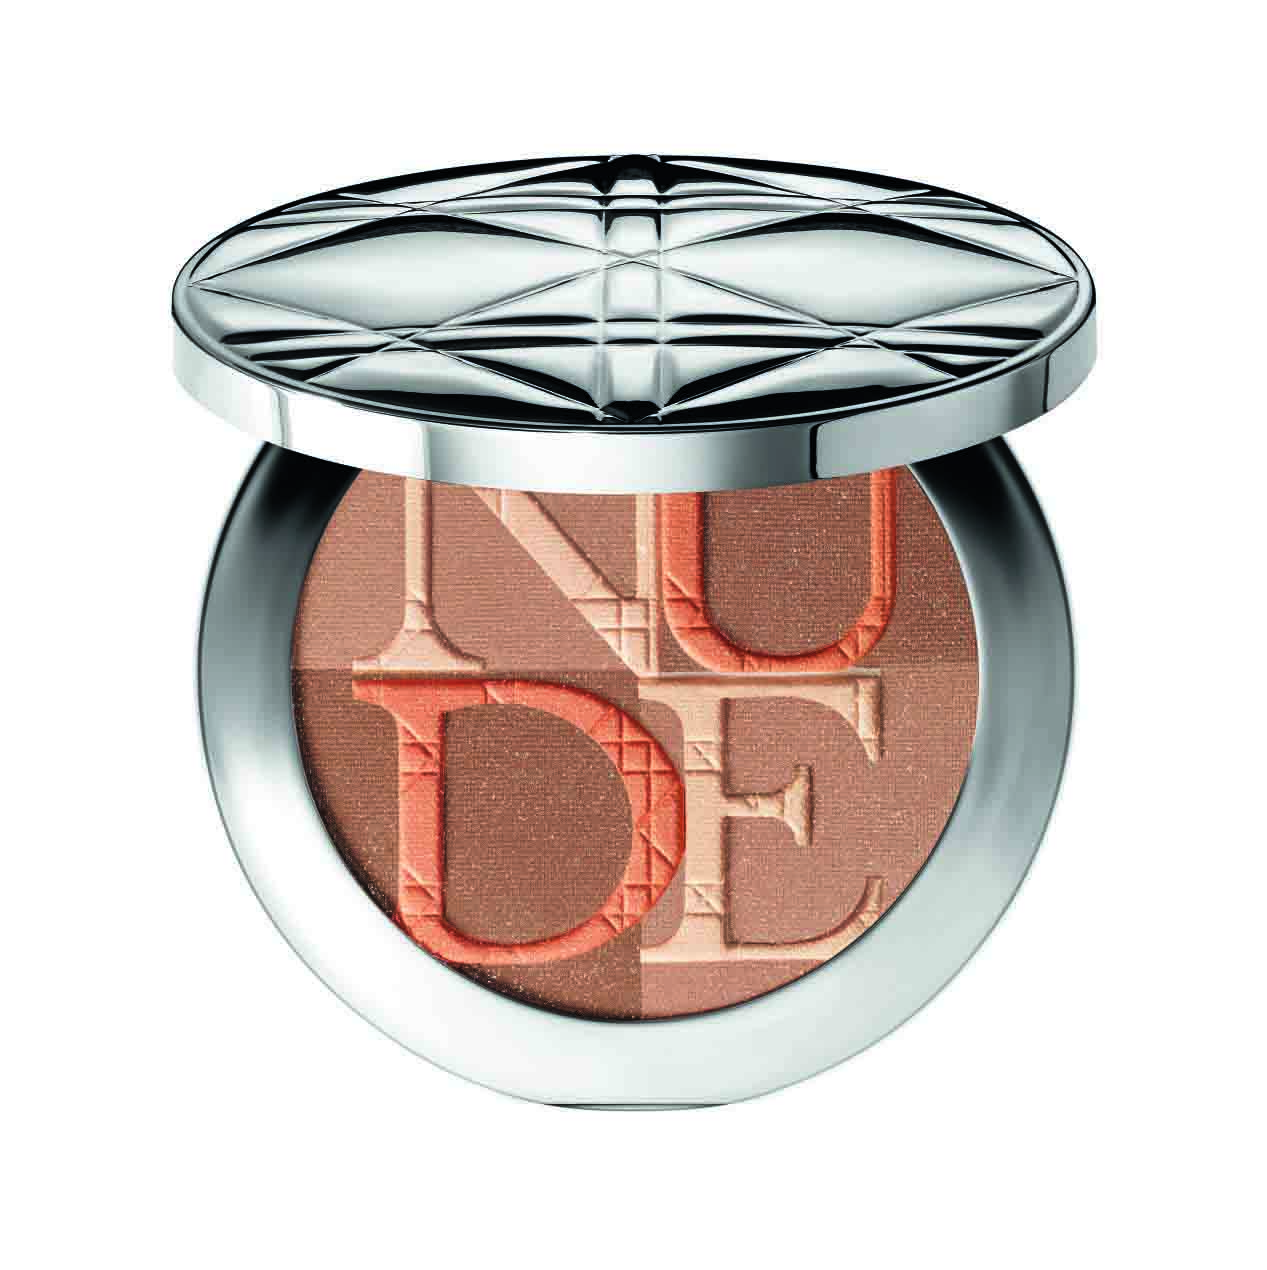 La poudre illuminante Diorskin Nude Shimmer di Dior è una fine associazione di madreperle e pigmenti, che catturano la luce per far risplendere l'incarnato e mettere in risalto i lineamenti. (€ 53,00)